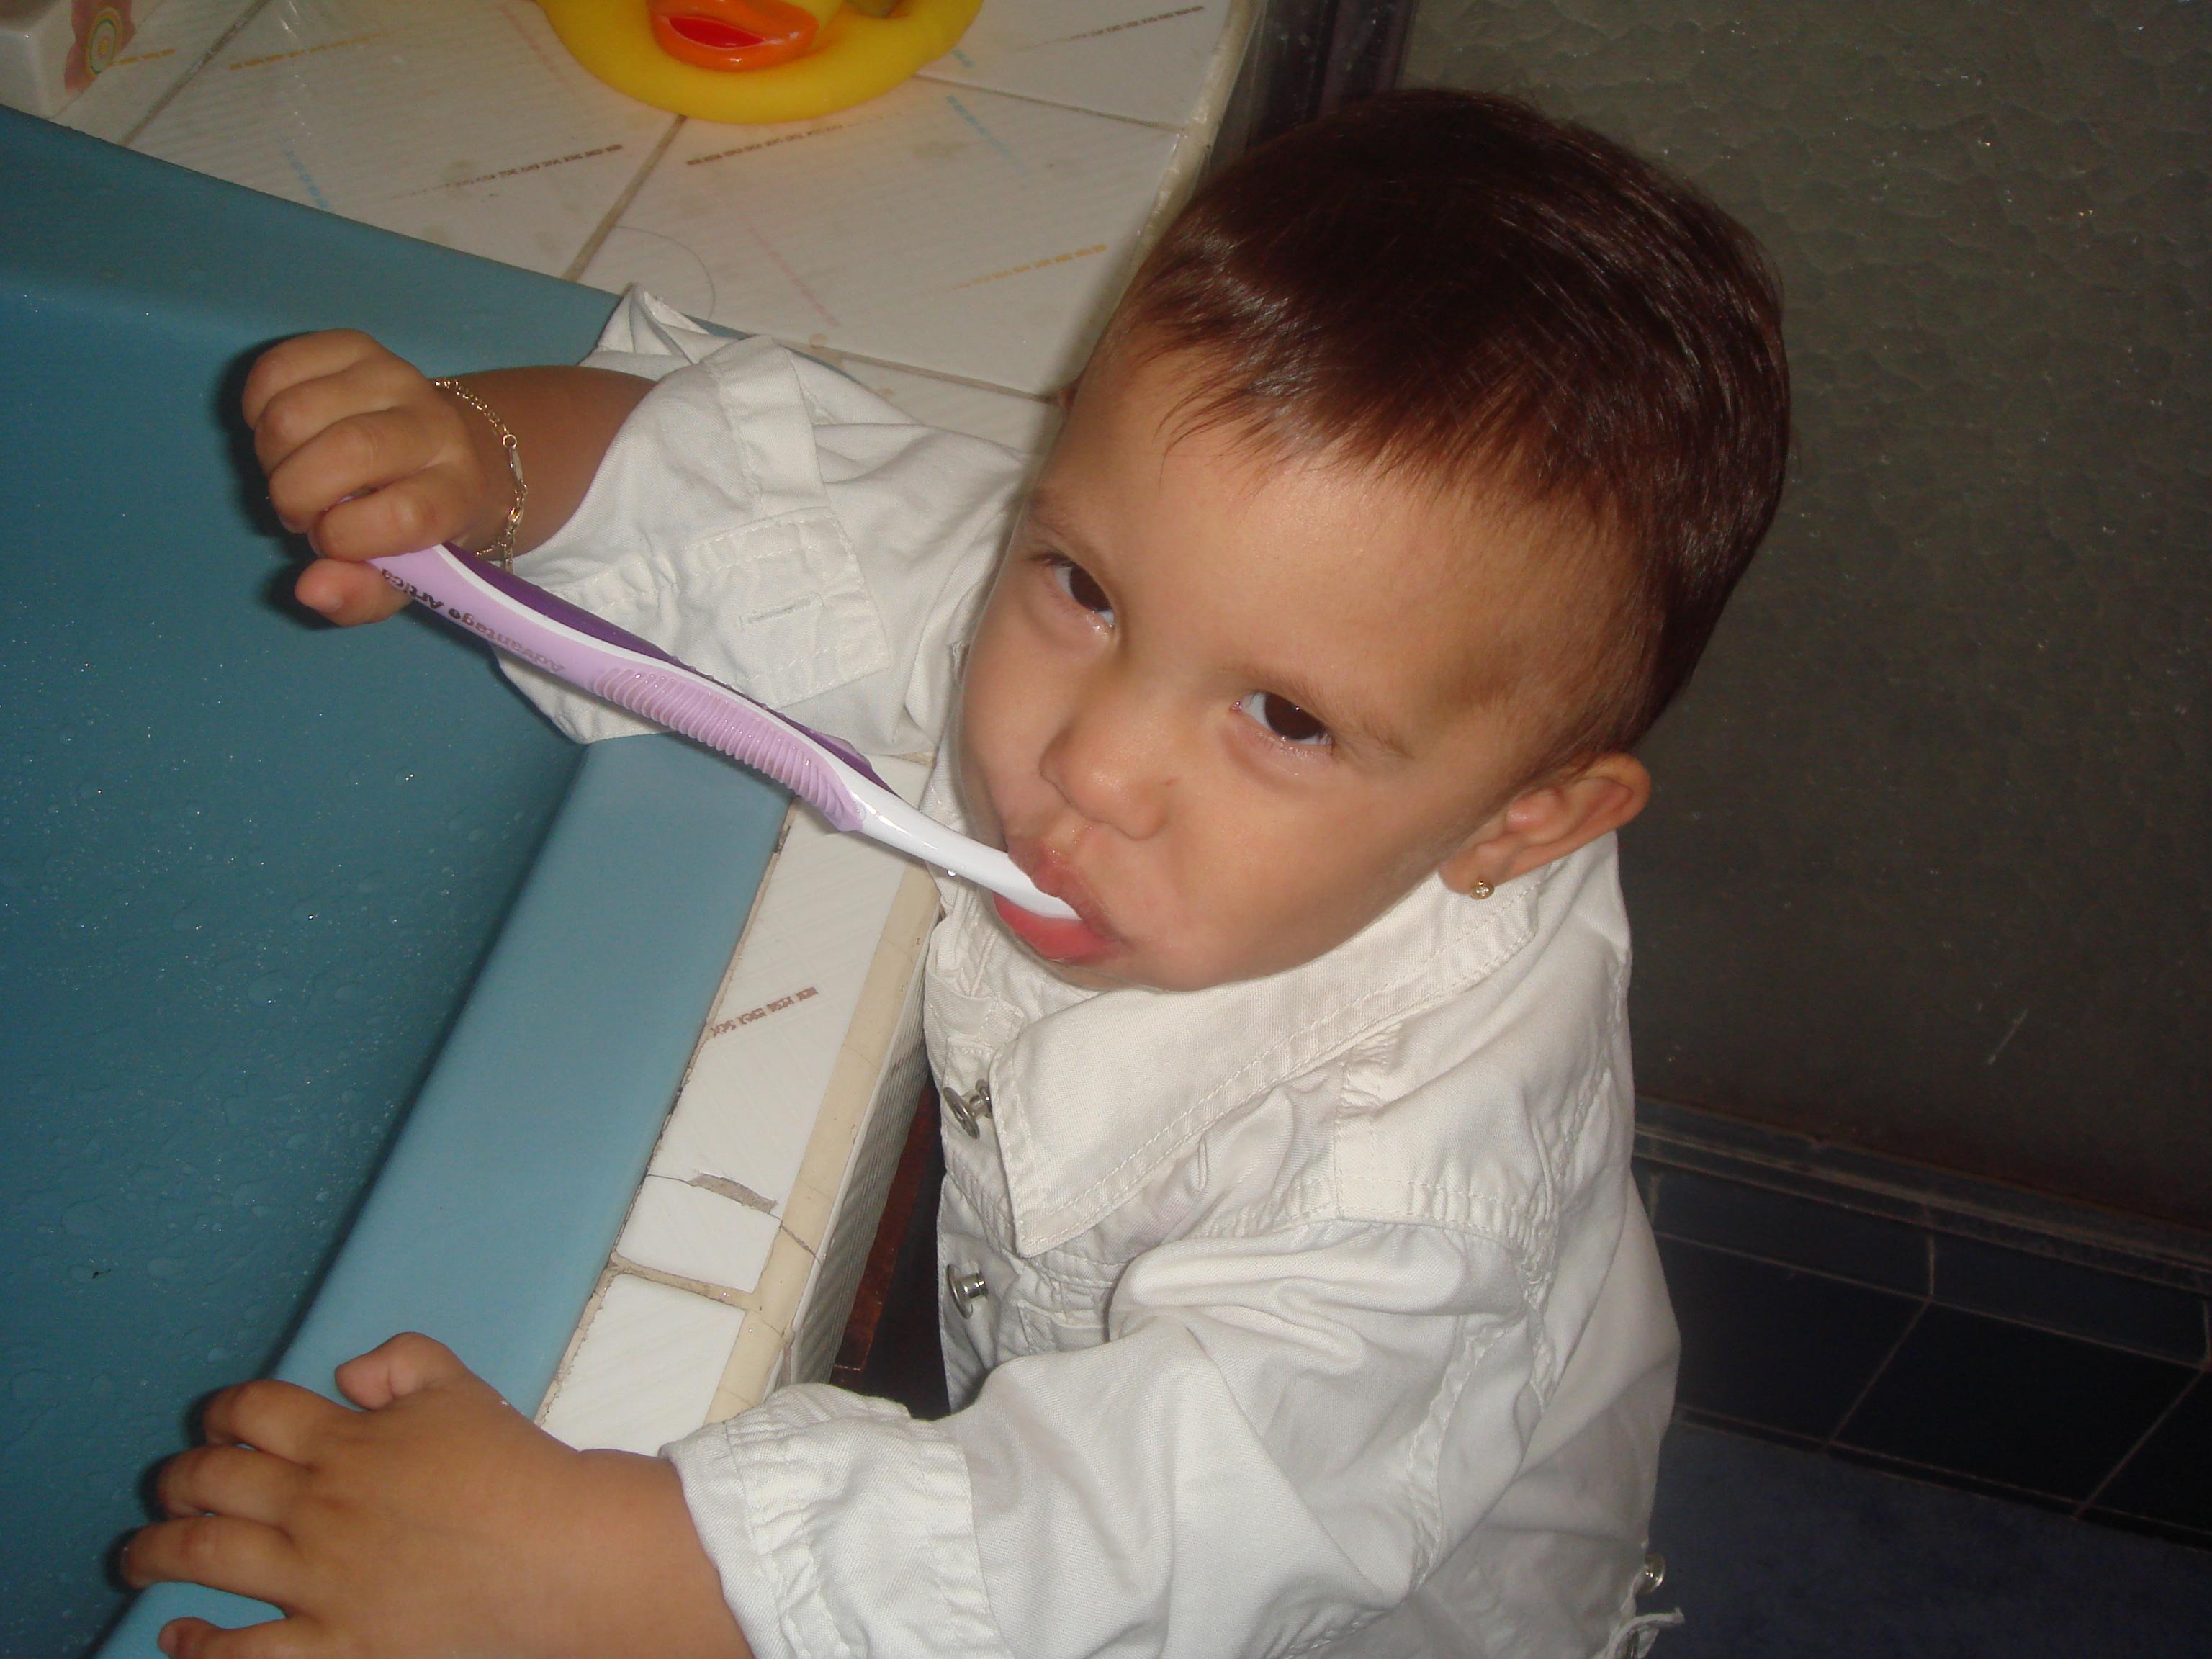 ¿Cuál es la función de los primeros dientes de leche?